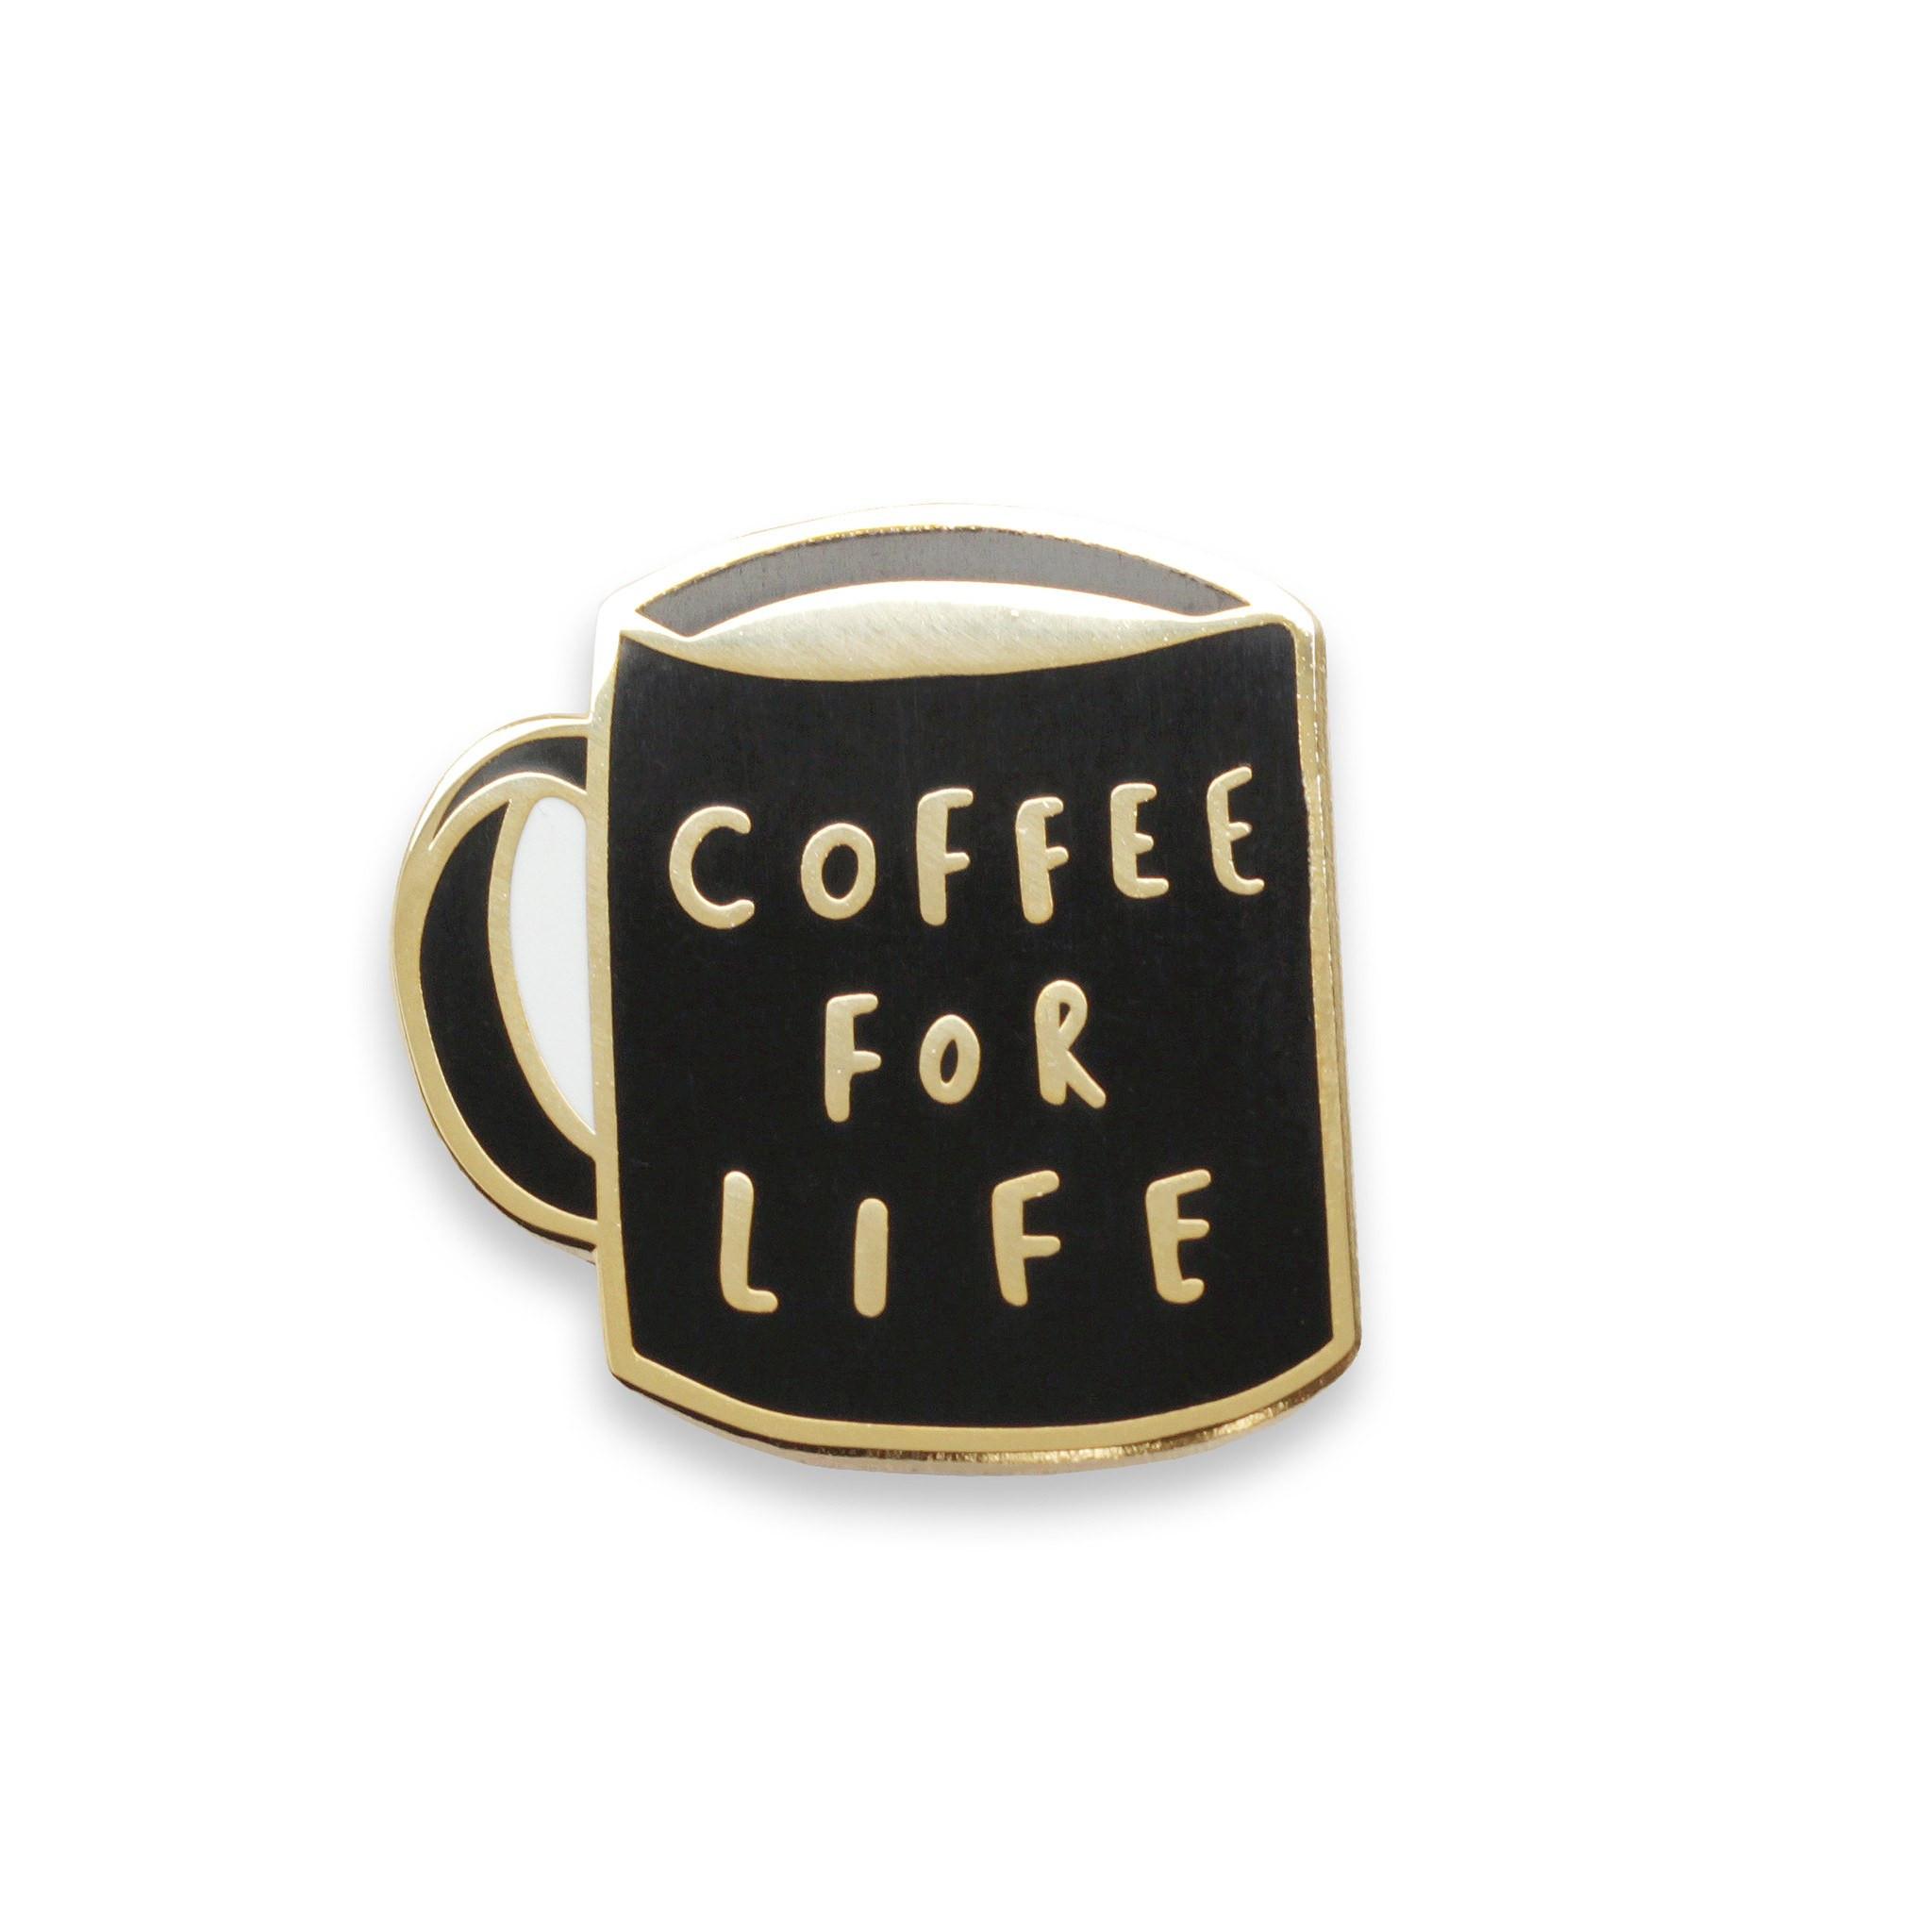 coffee-for-life-enamel-pin-coffee-pin.jpg